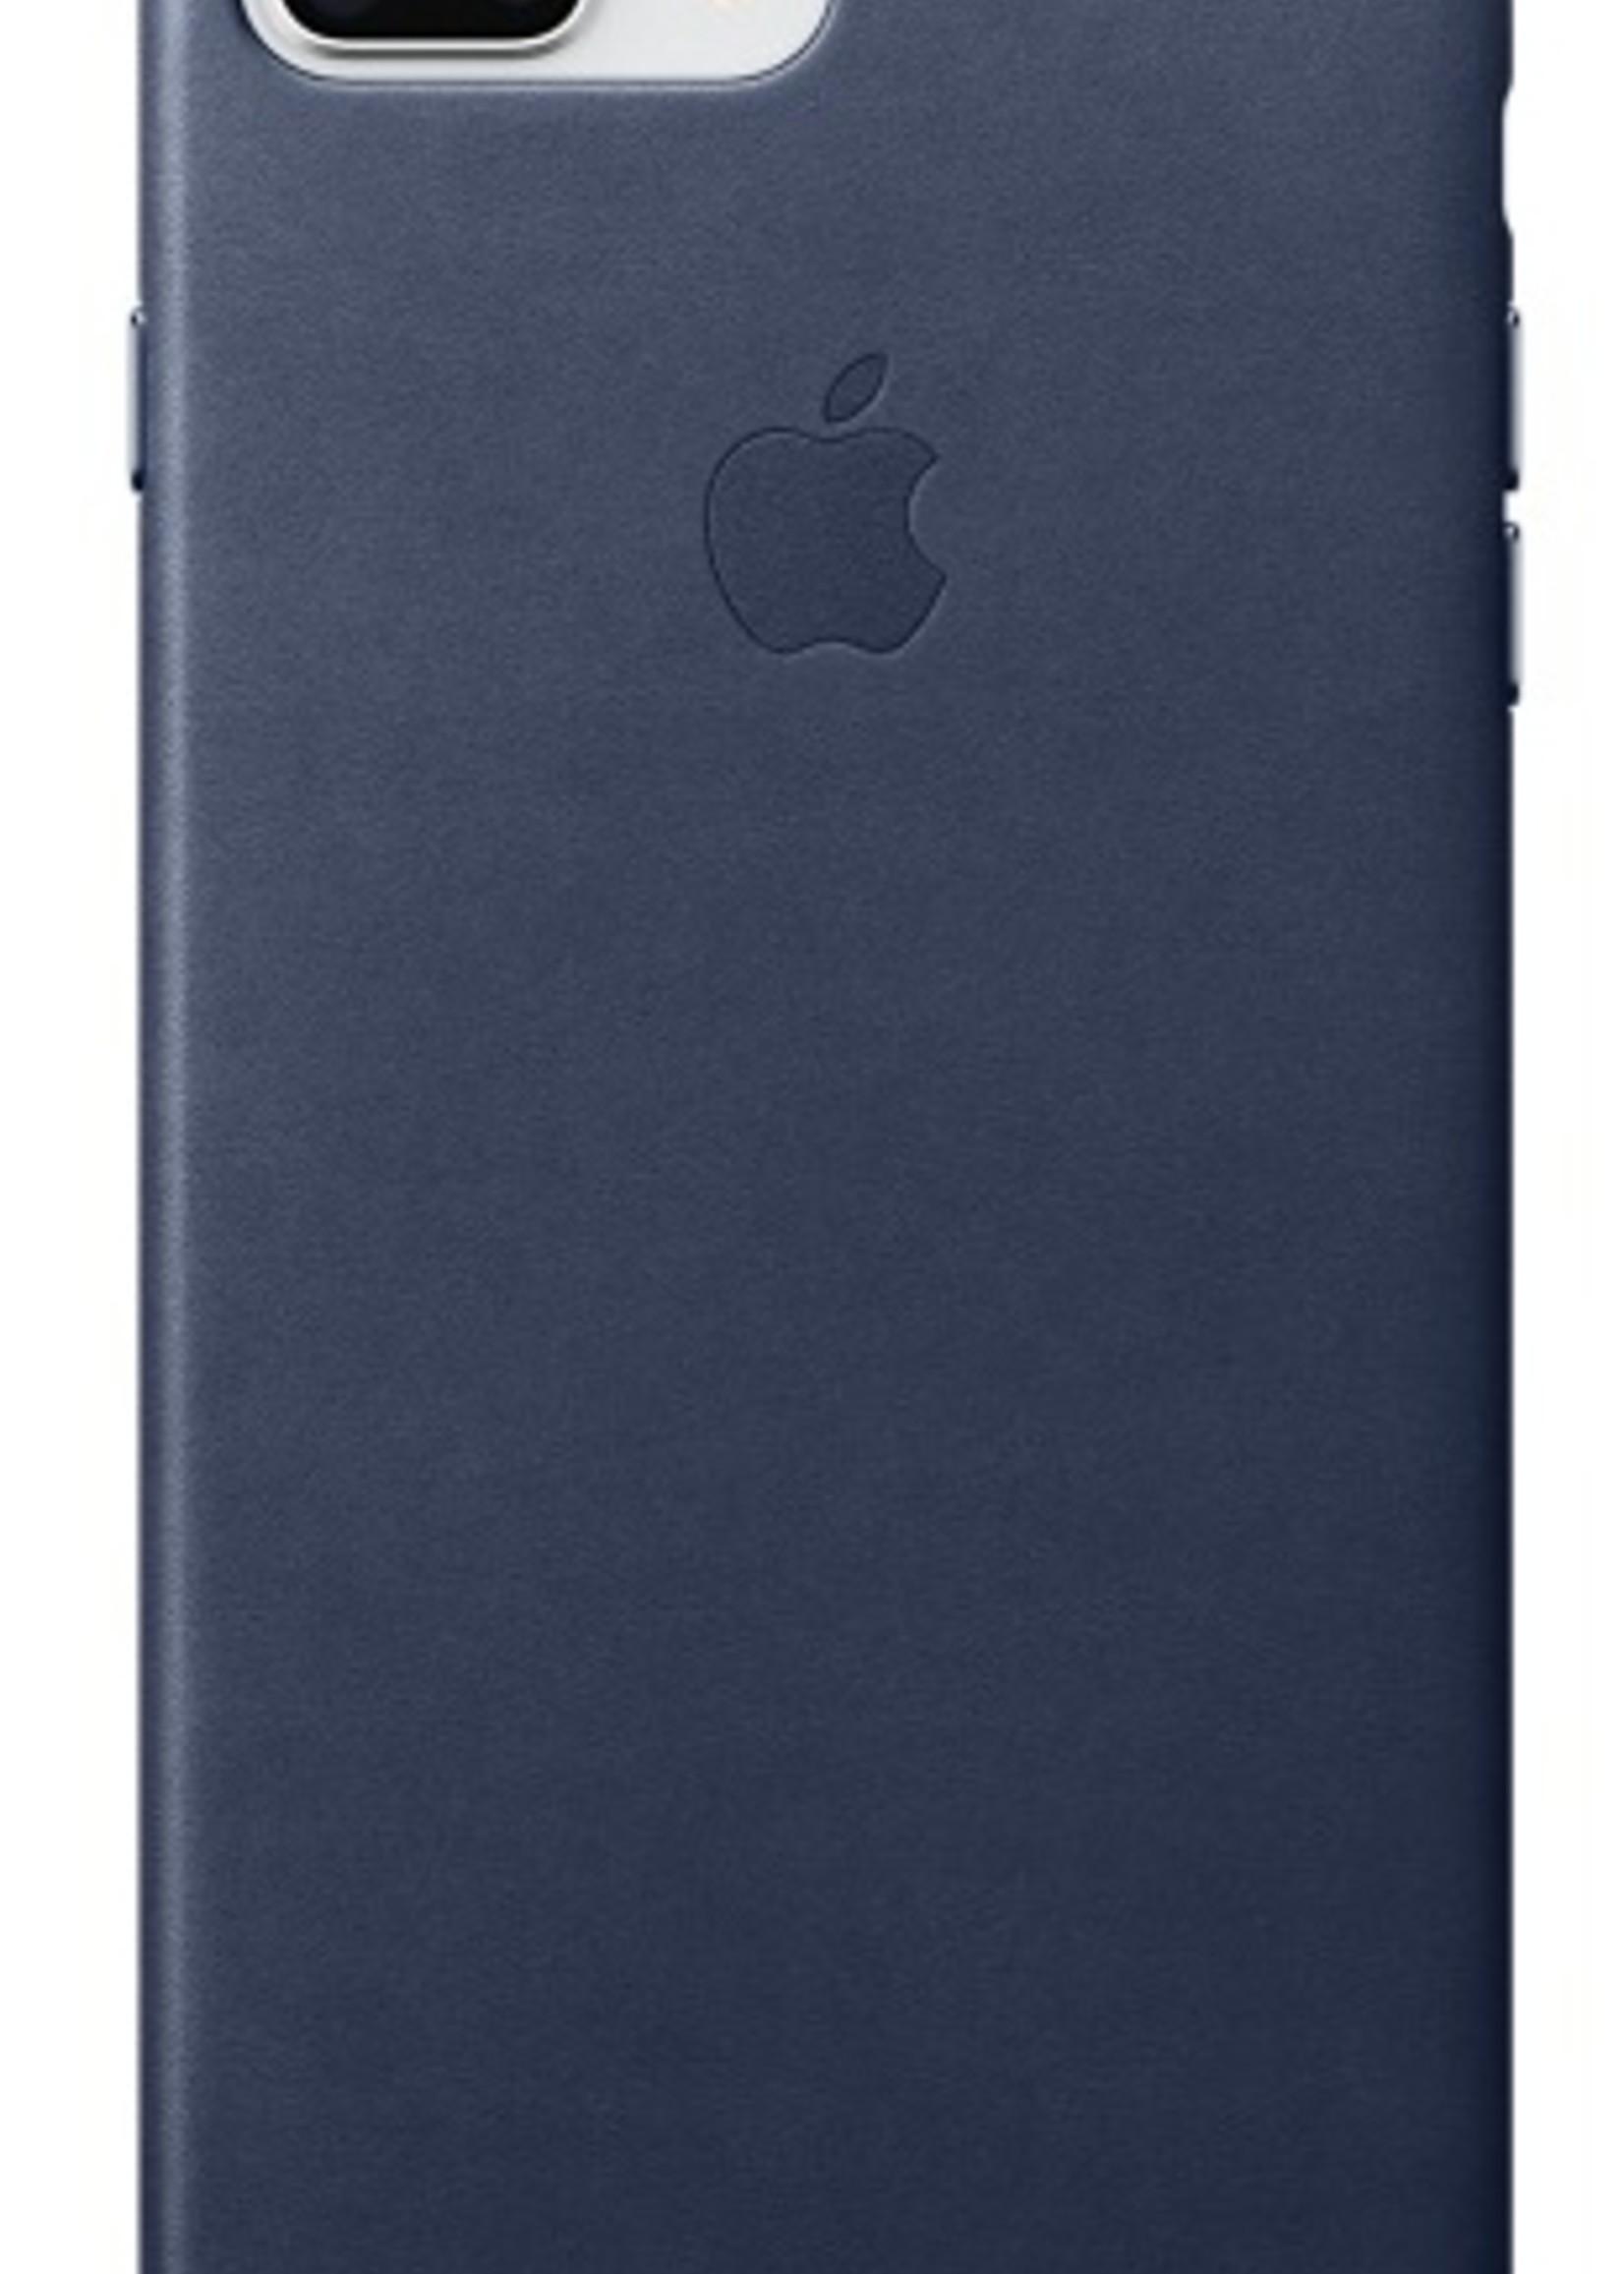 iPhone 8 Plus/7 Plus Leather Case - Midnight Blue